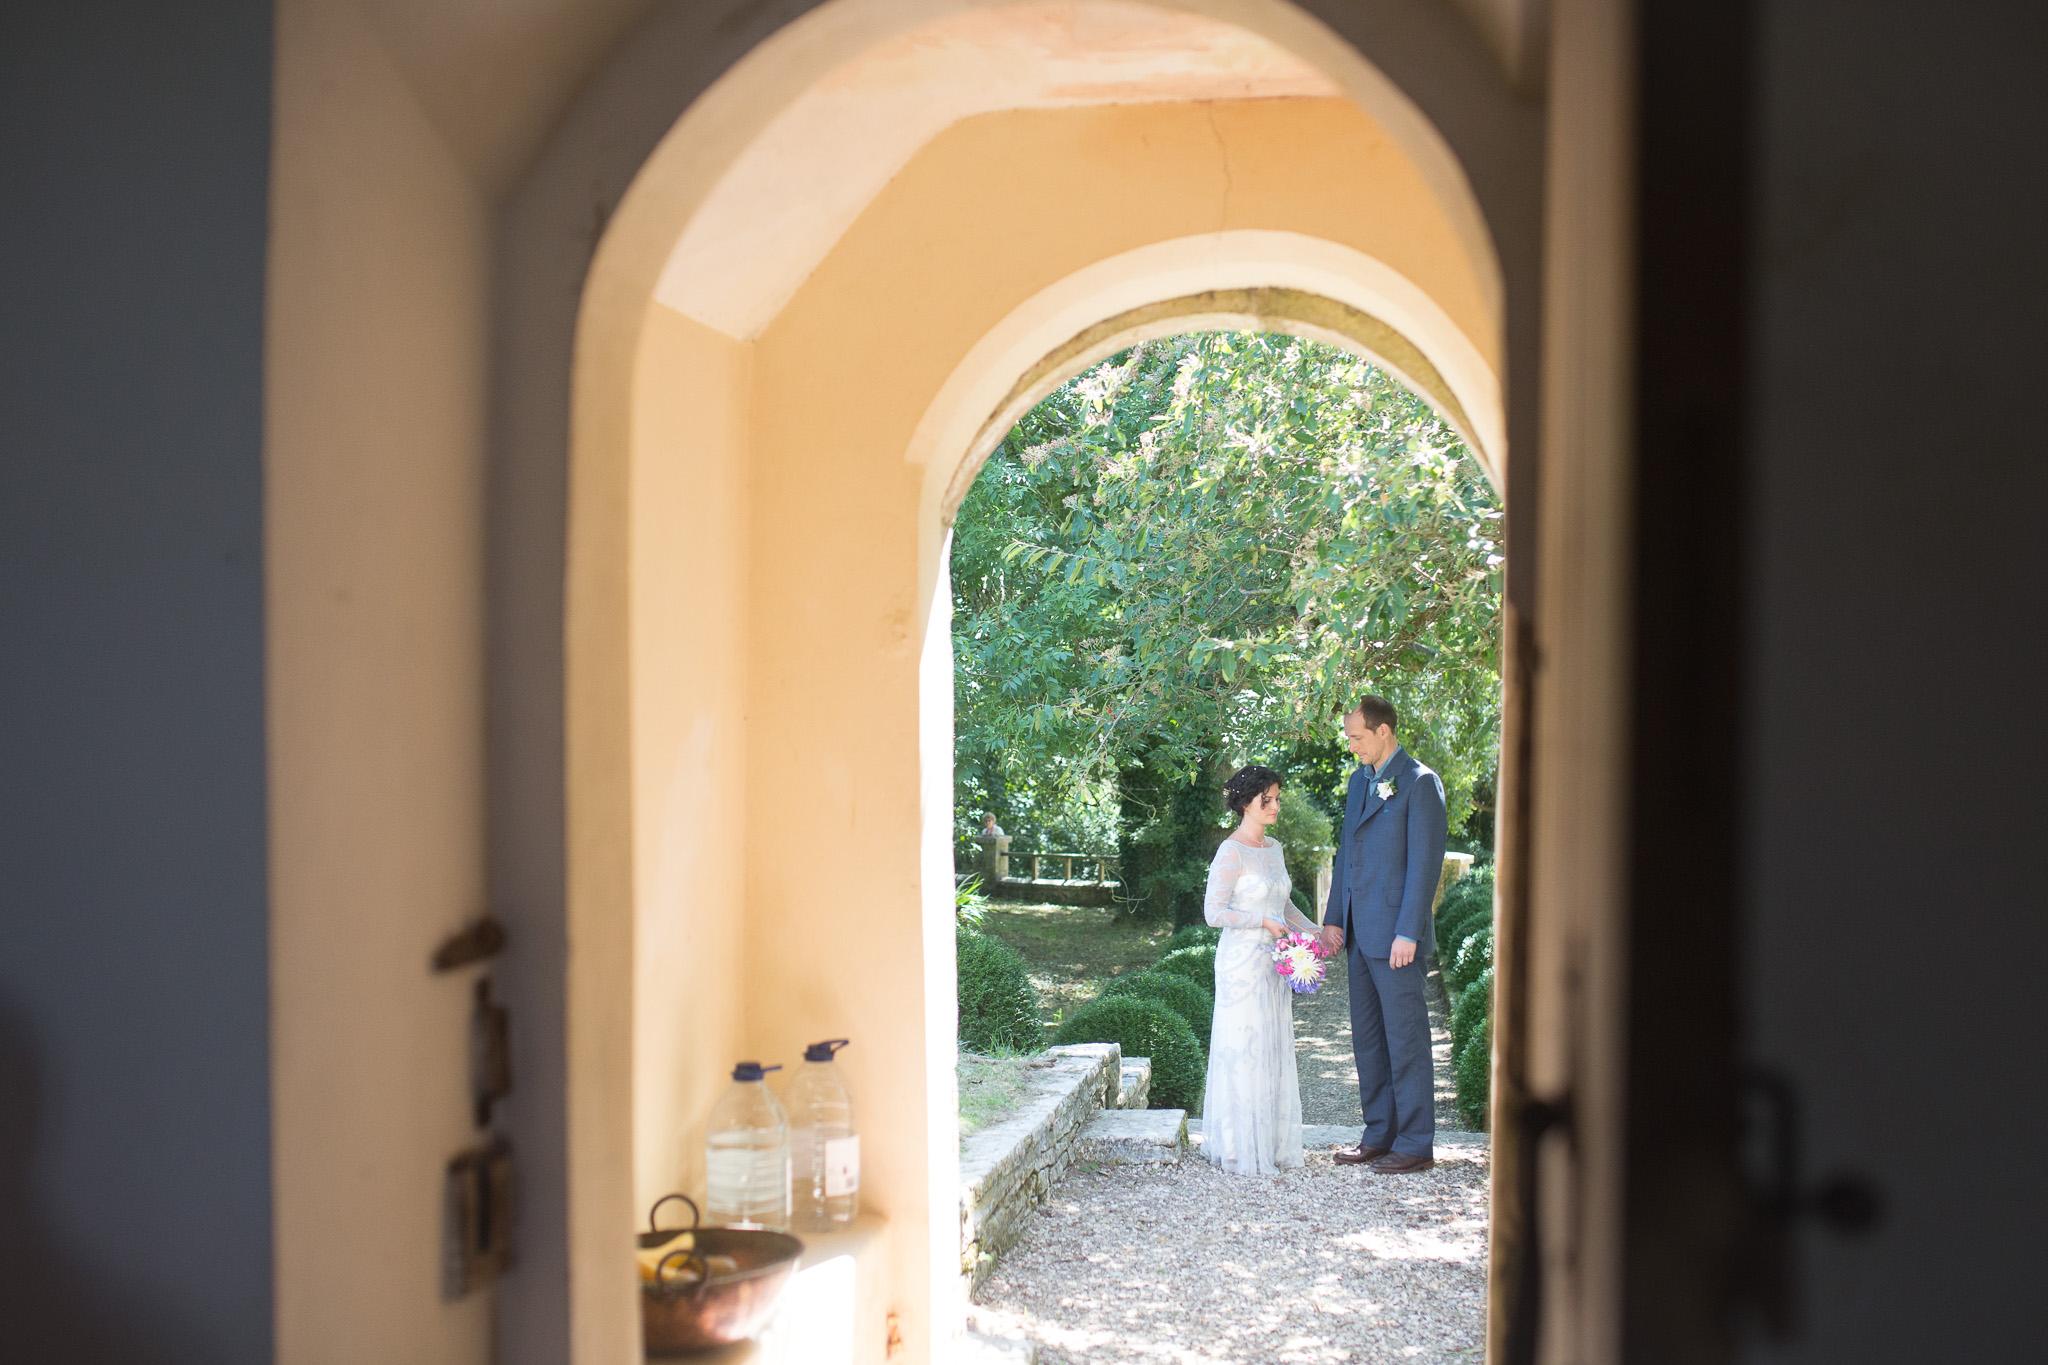 Elisa-Ryan-Rustic-Wedding-Blog-43.jpg